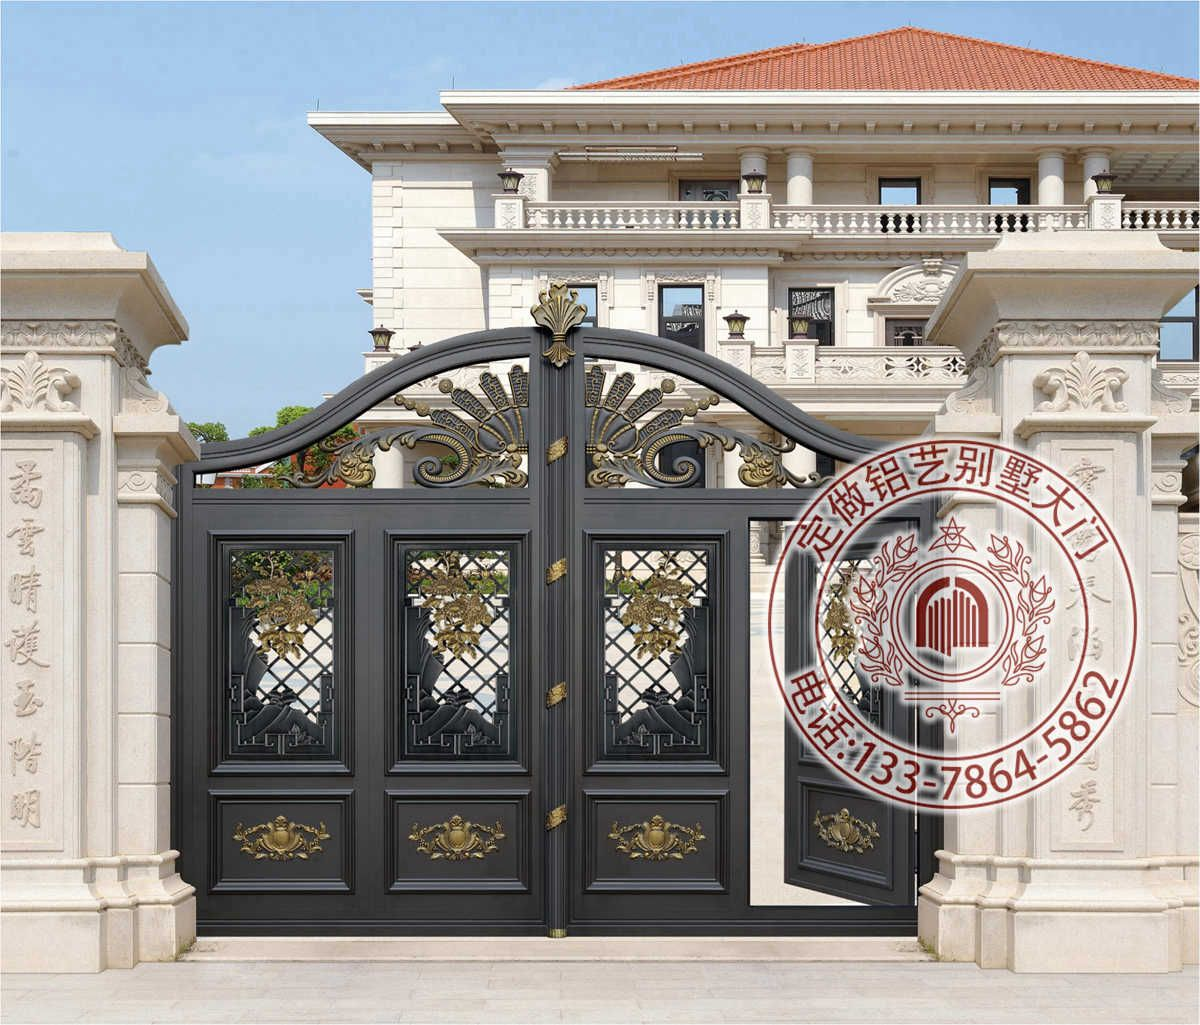 别墅围墙大门图片 高大上别墅大门 别墅小区大门设计